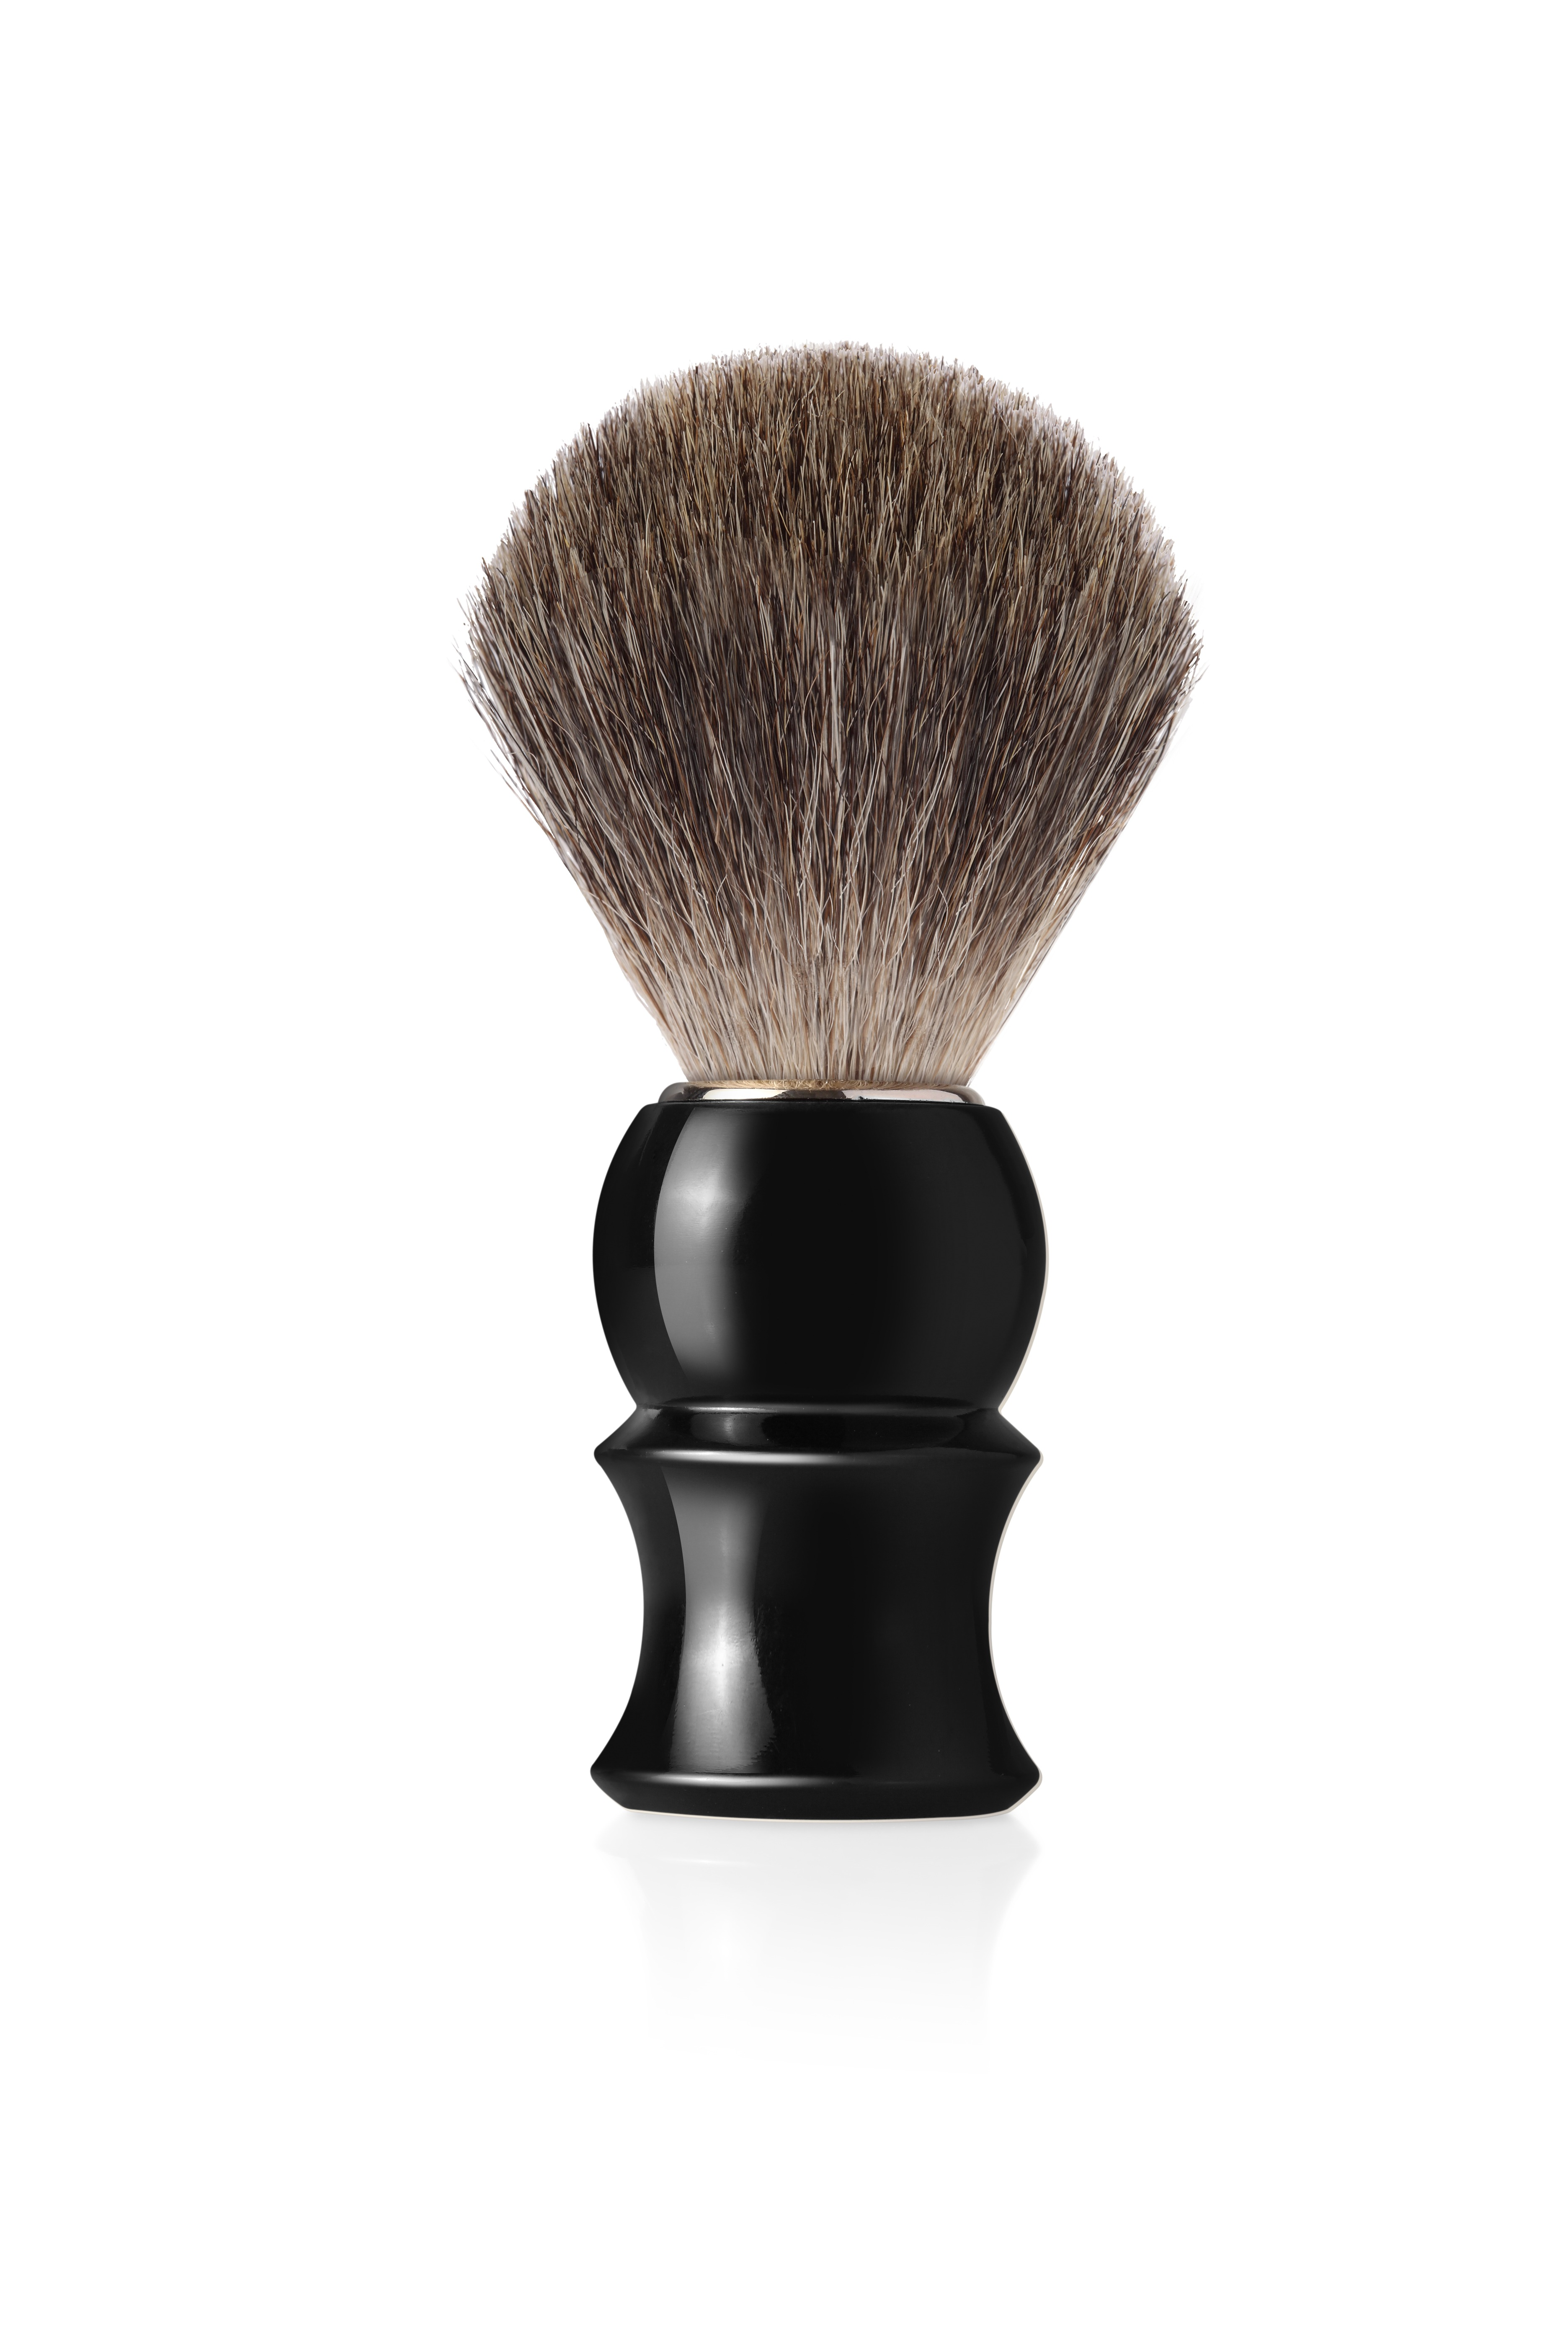 Четка за бръснене с естествен косъм от сив язовец с дръжка в черен цвят